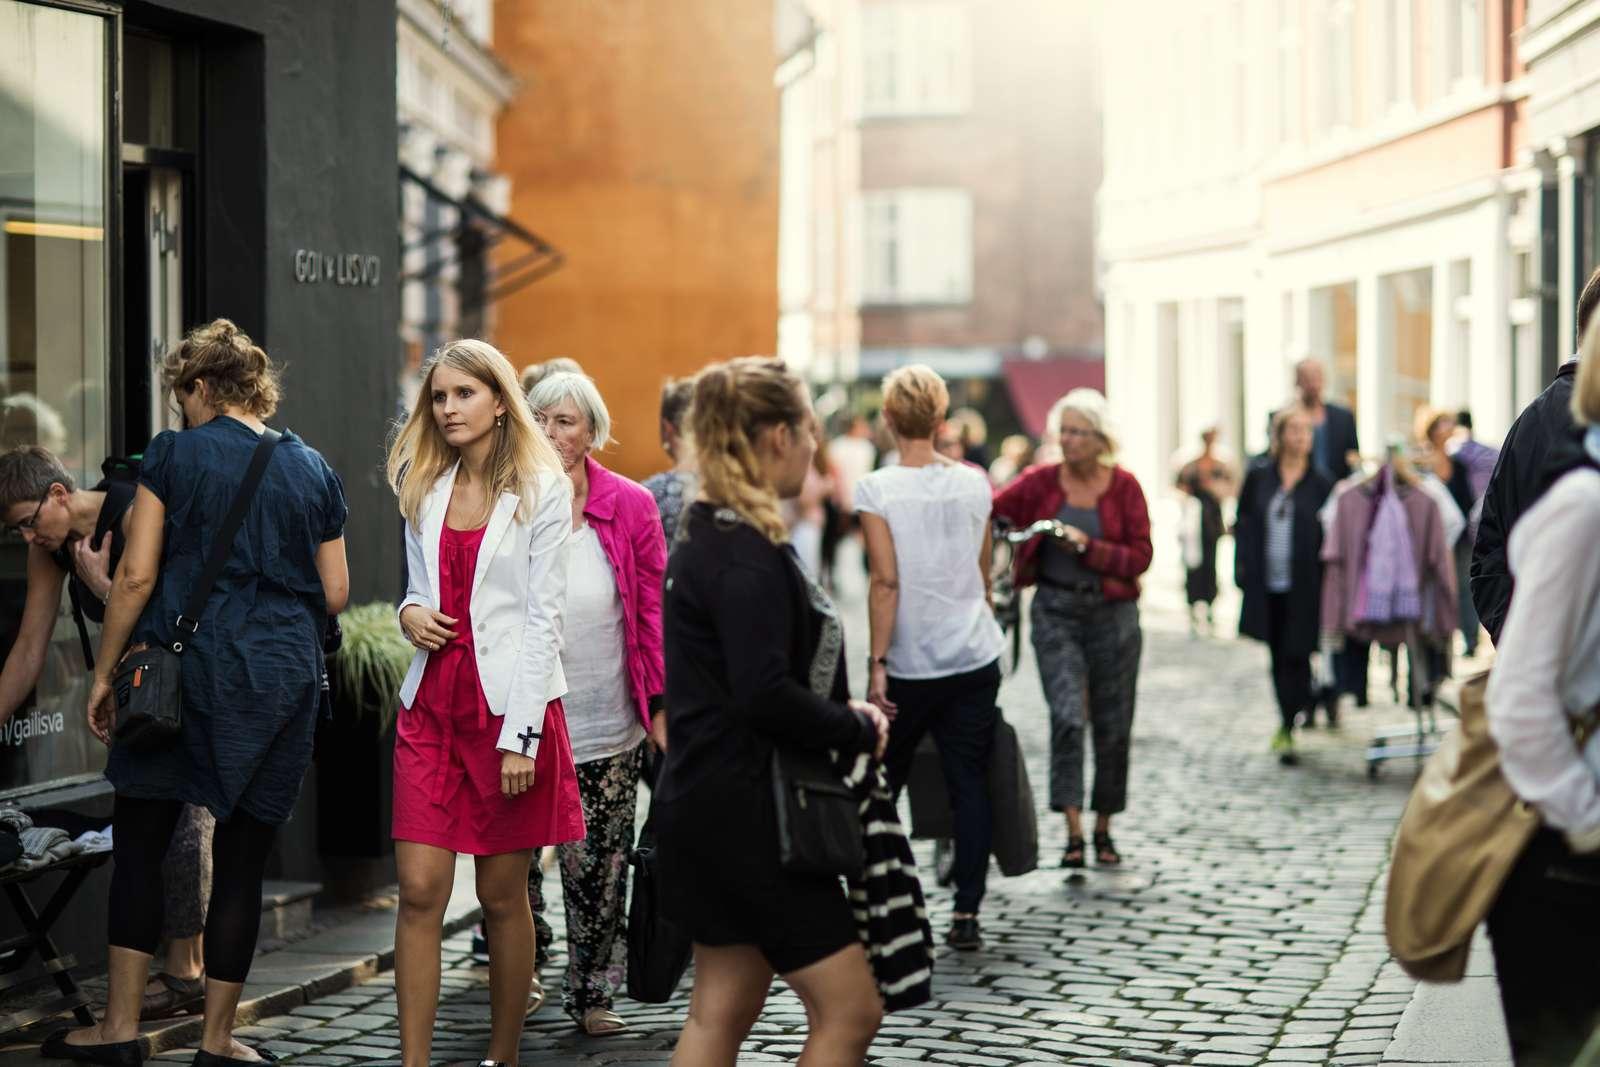 CNN fremhæver blandt andet Latinkvarteret i det centrale Aarhus i sin store omtale af byen. Foto: VisitAarhus.